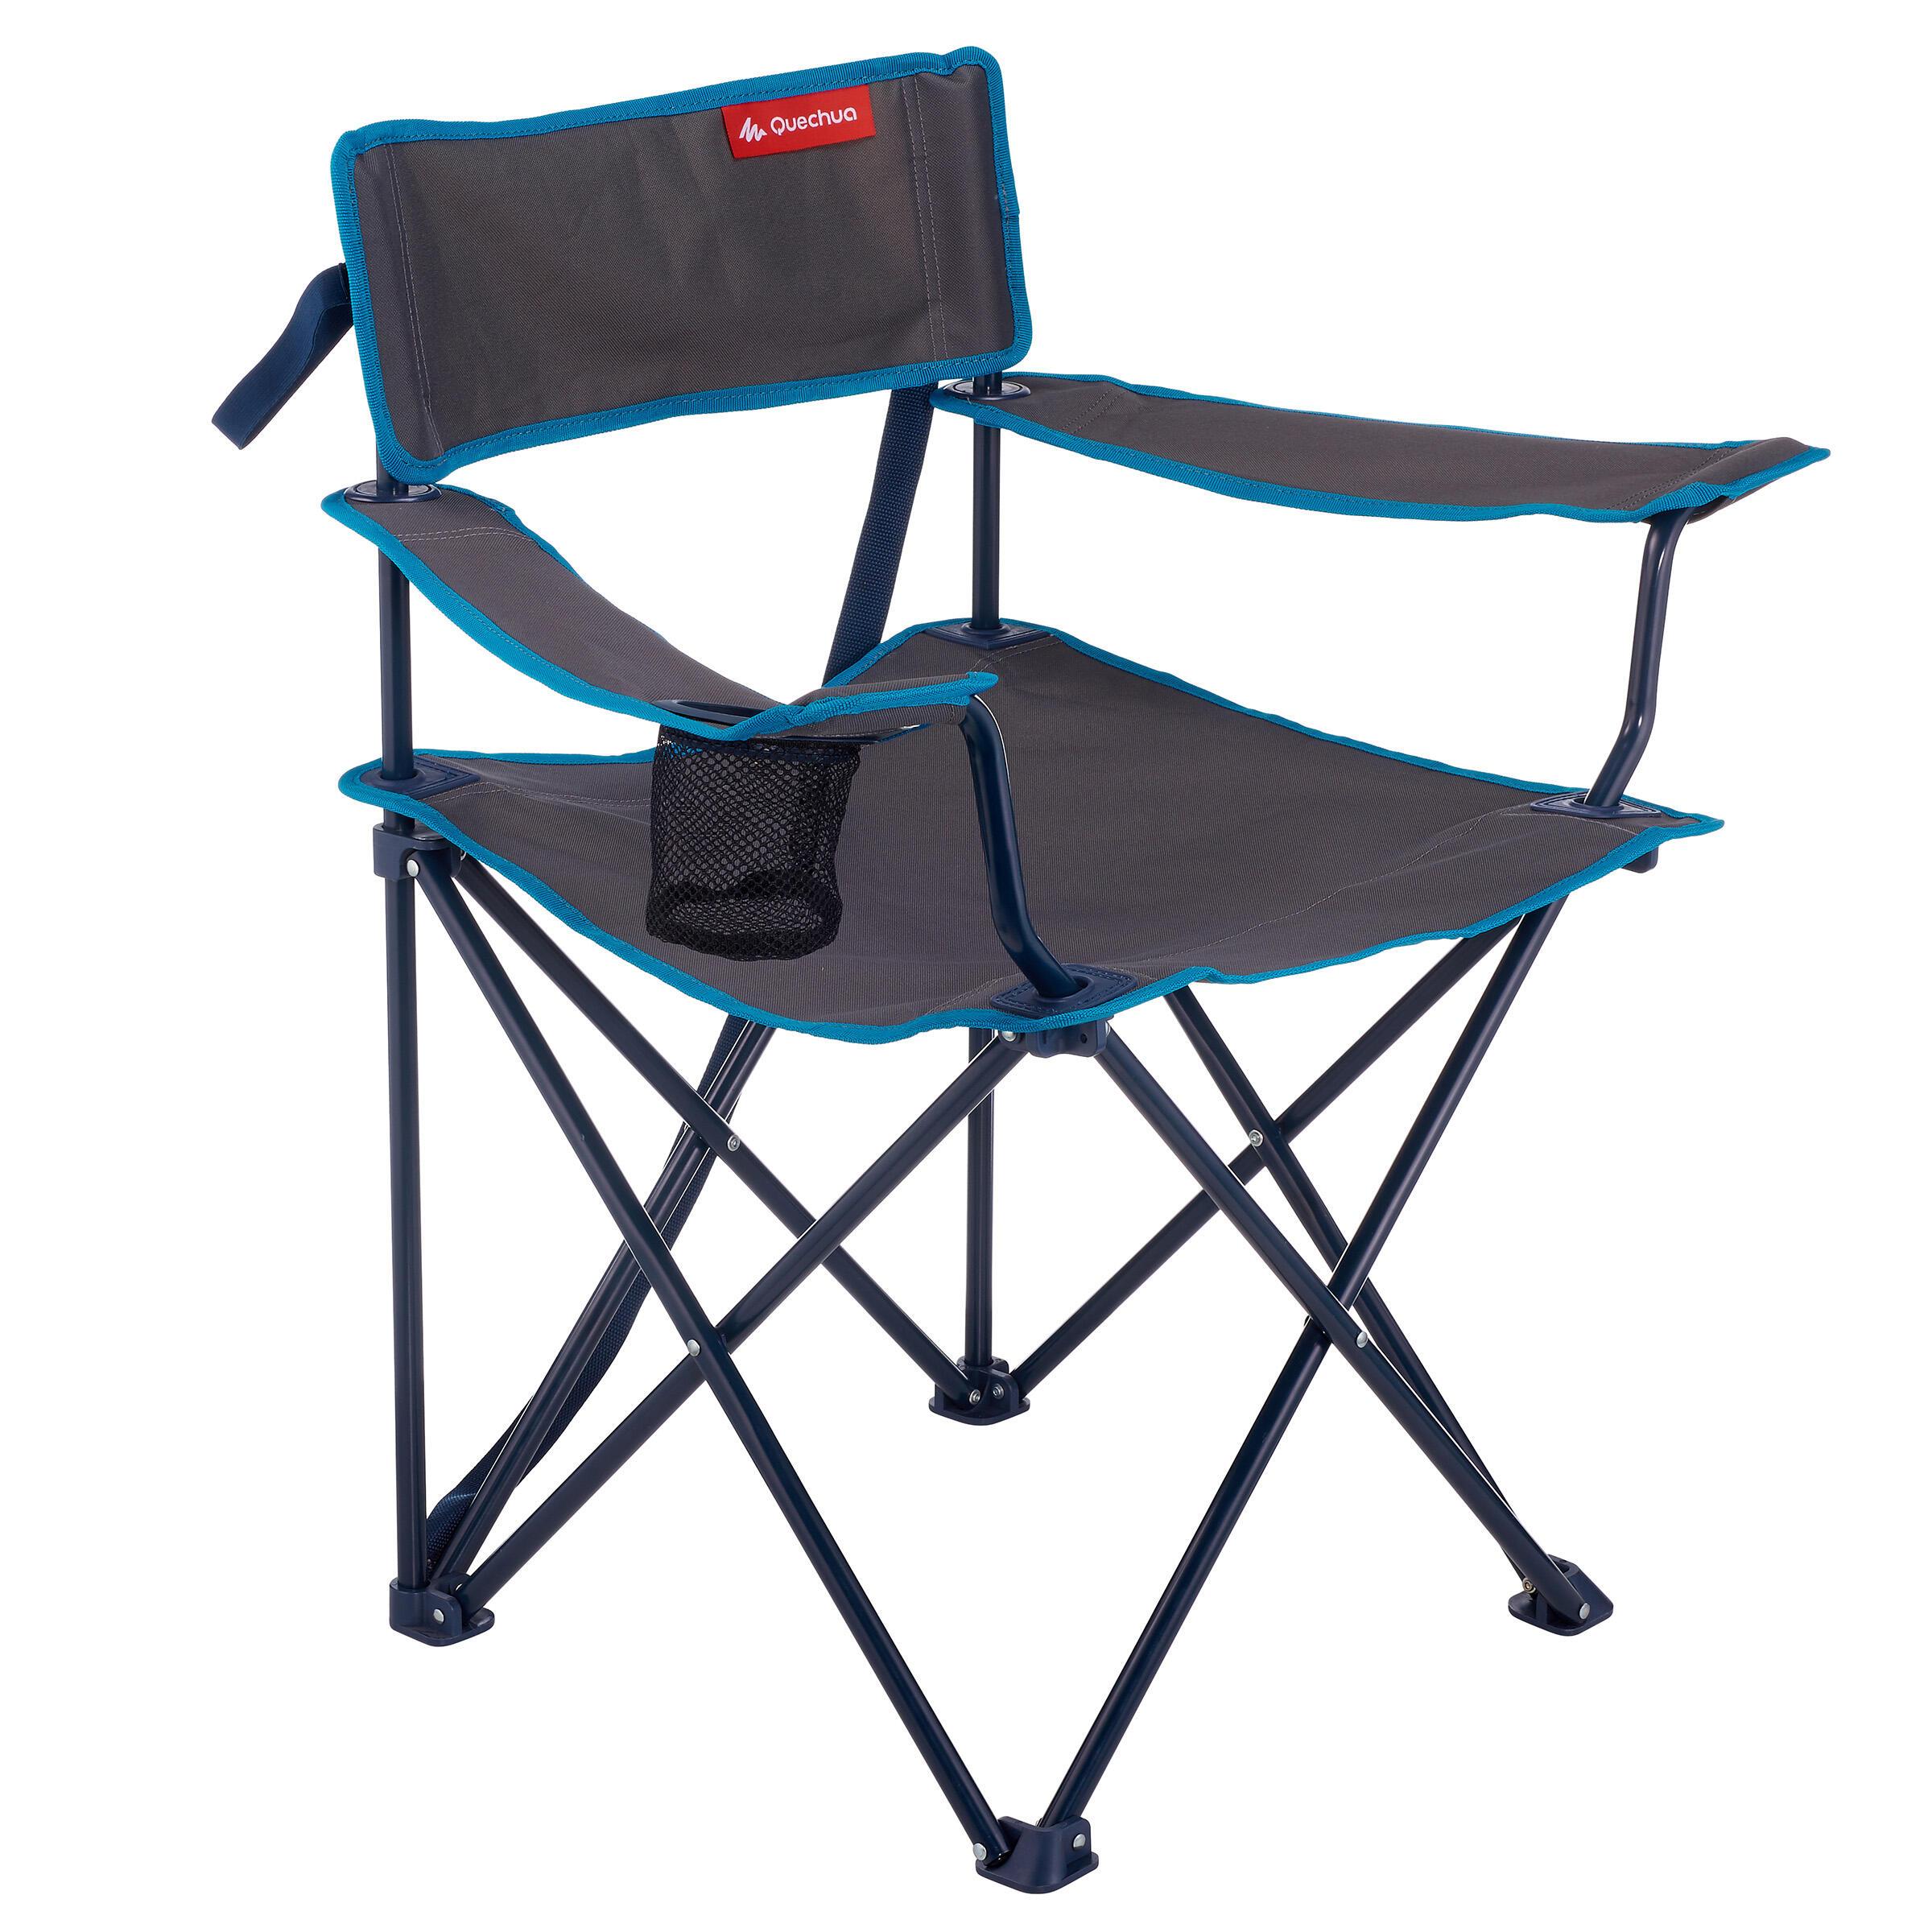 Quechua Vouwstoel voor camping / bivak